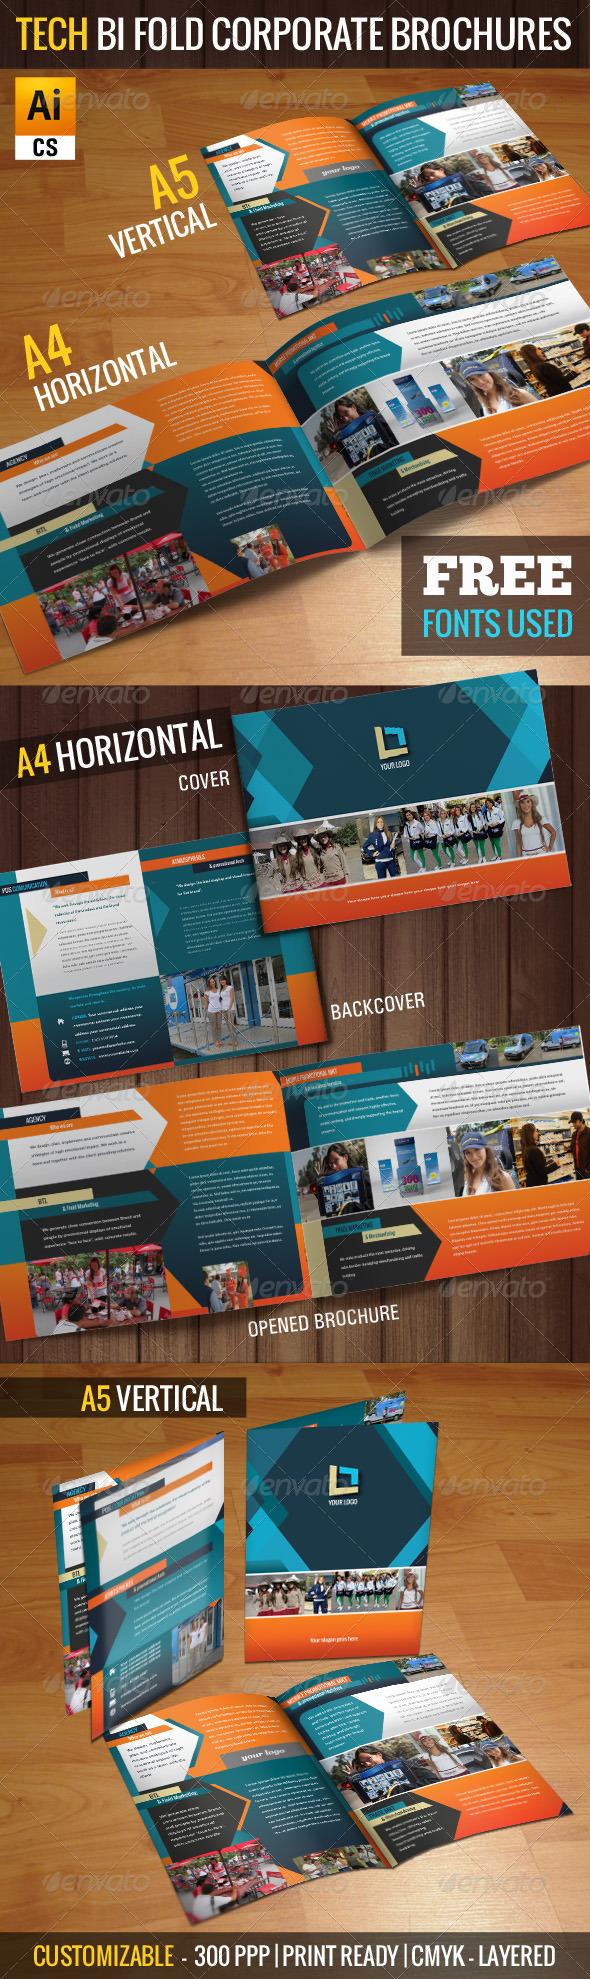 GraphicRiver Tech Bi-fold Corporate Brochures 5422310